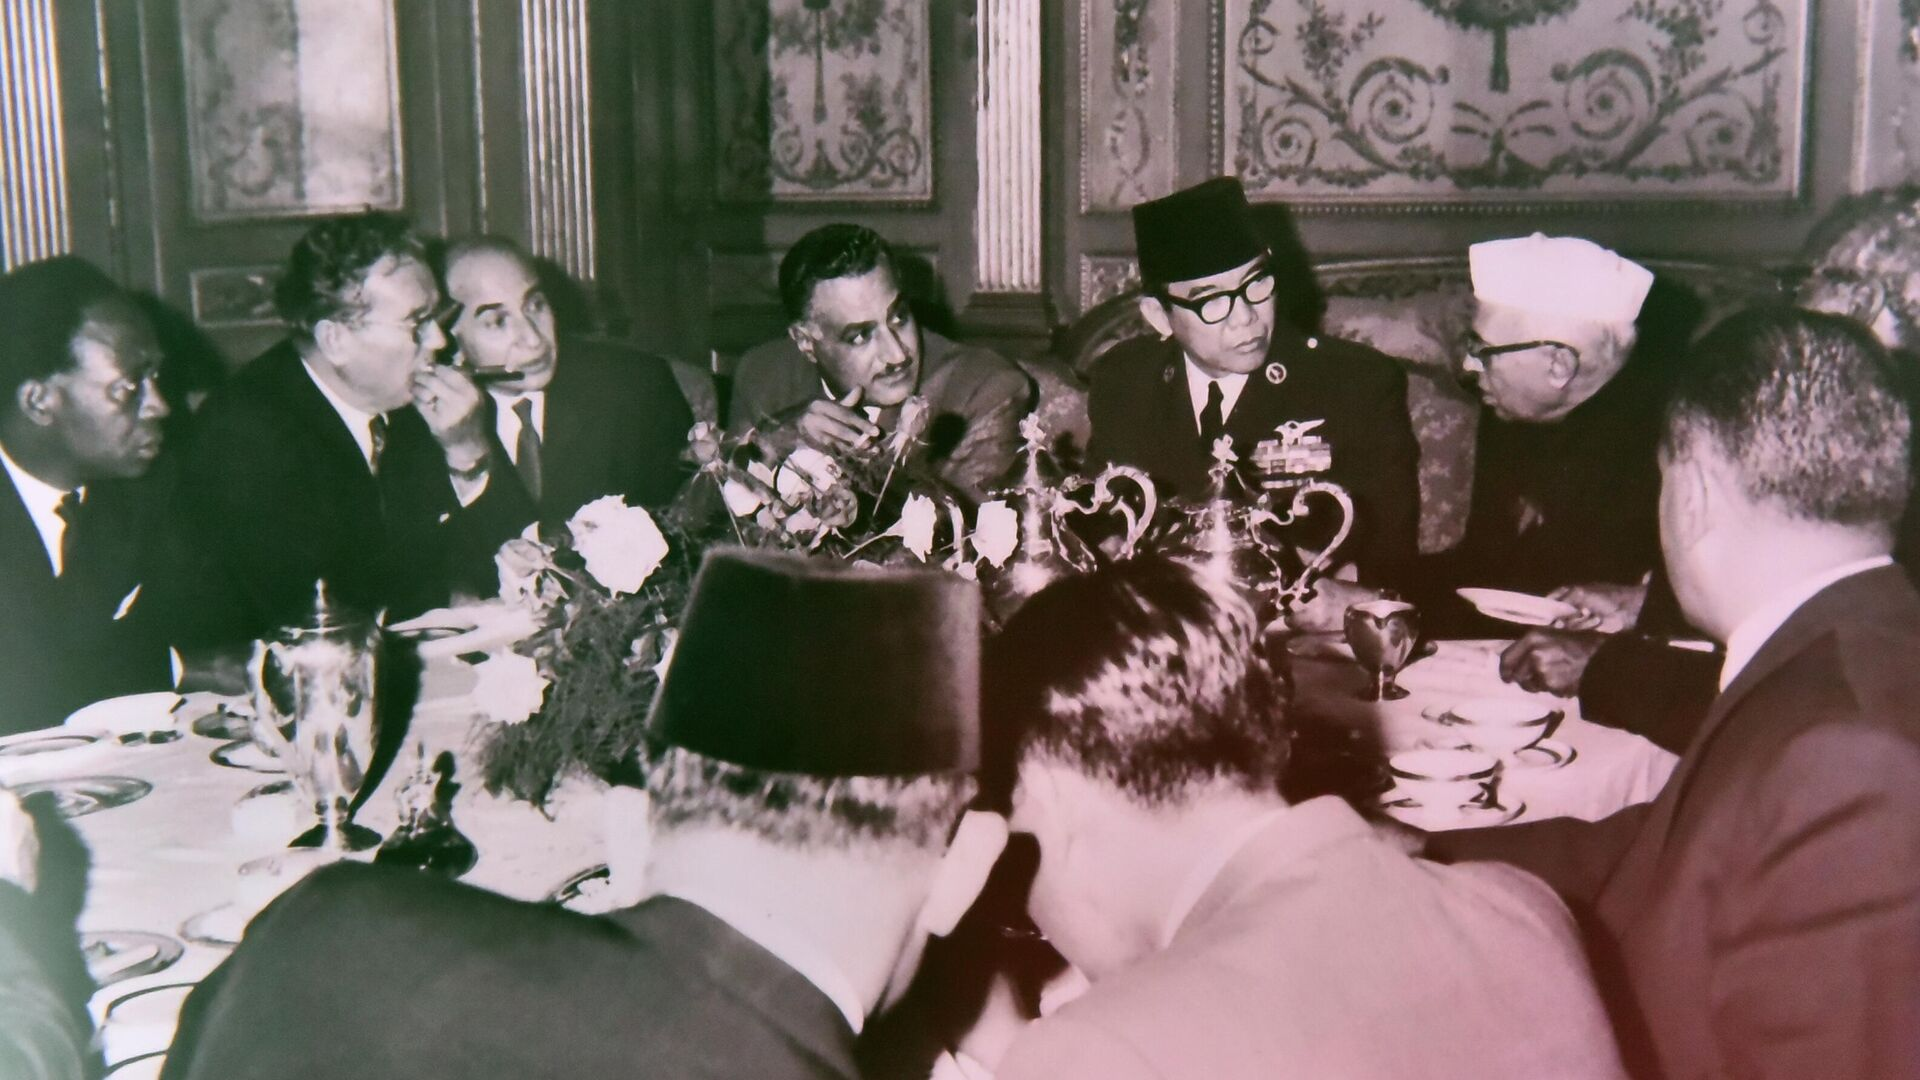 Државе окупљене око Сједињених Америчких Држава су окупљање у Београду означиле антизападним и антиамеричким скупом. Њихова реакција била је непријатељска.  - Sputnik Србија, 1920, 05.10.2021